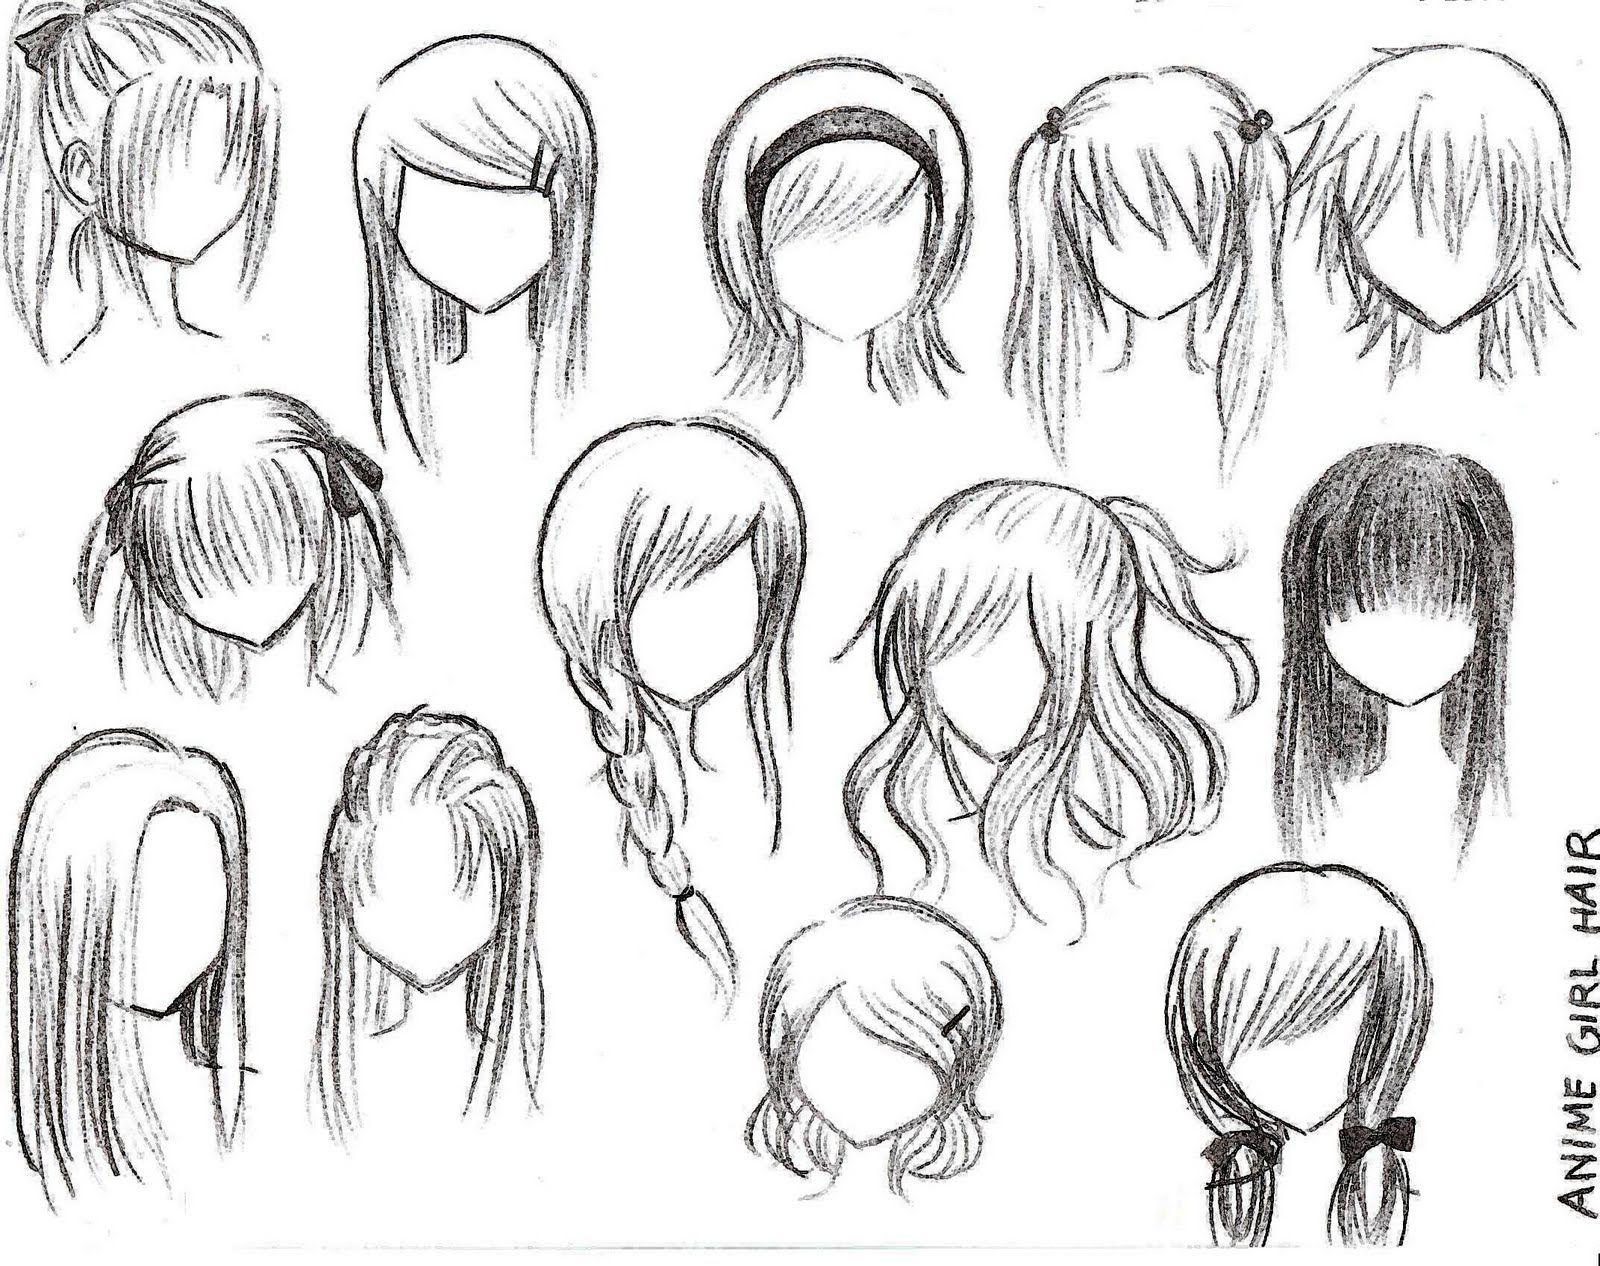 En una tendencia ascendente dibujos de peinados Imagen de cortes de pelo estilo - Peinados en dibujos | Dibujos de peinados